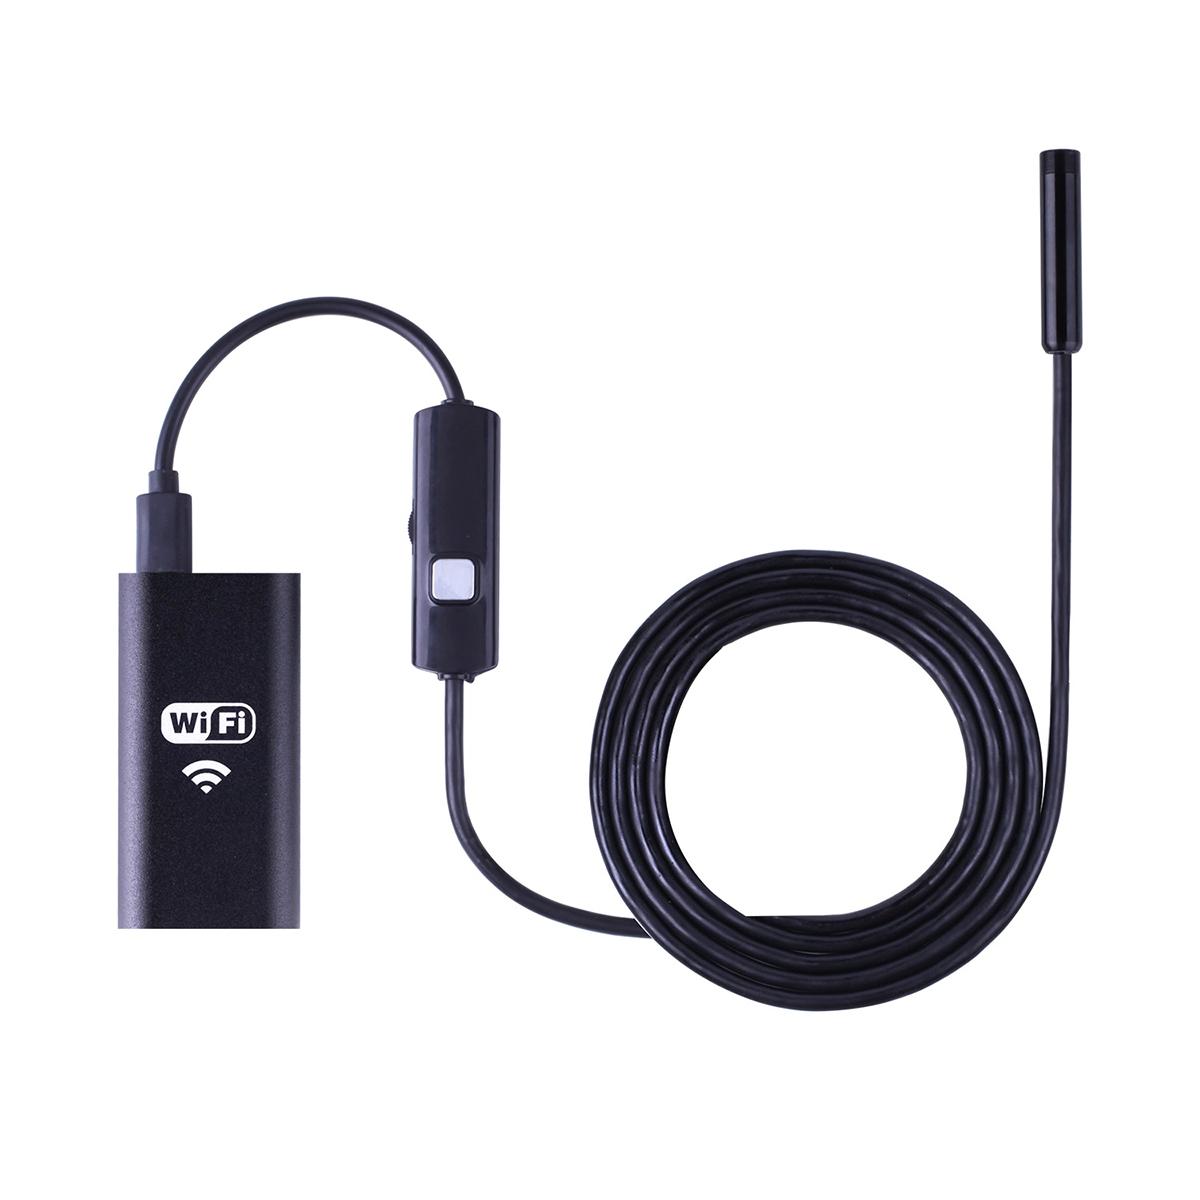 Видеоэндоскоп WIFI, 1Мп, 1280x720, 1м, 8 мм зонд iCartool IC-VY99